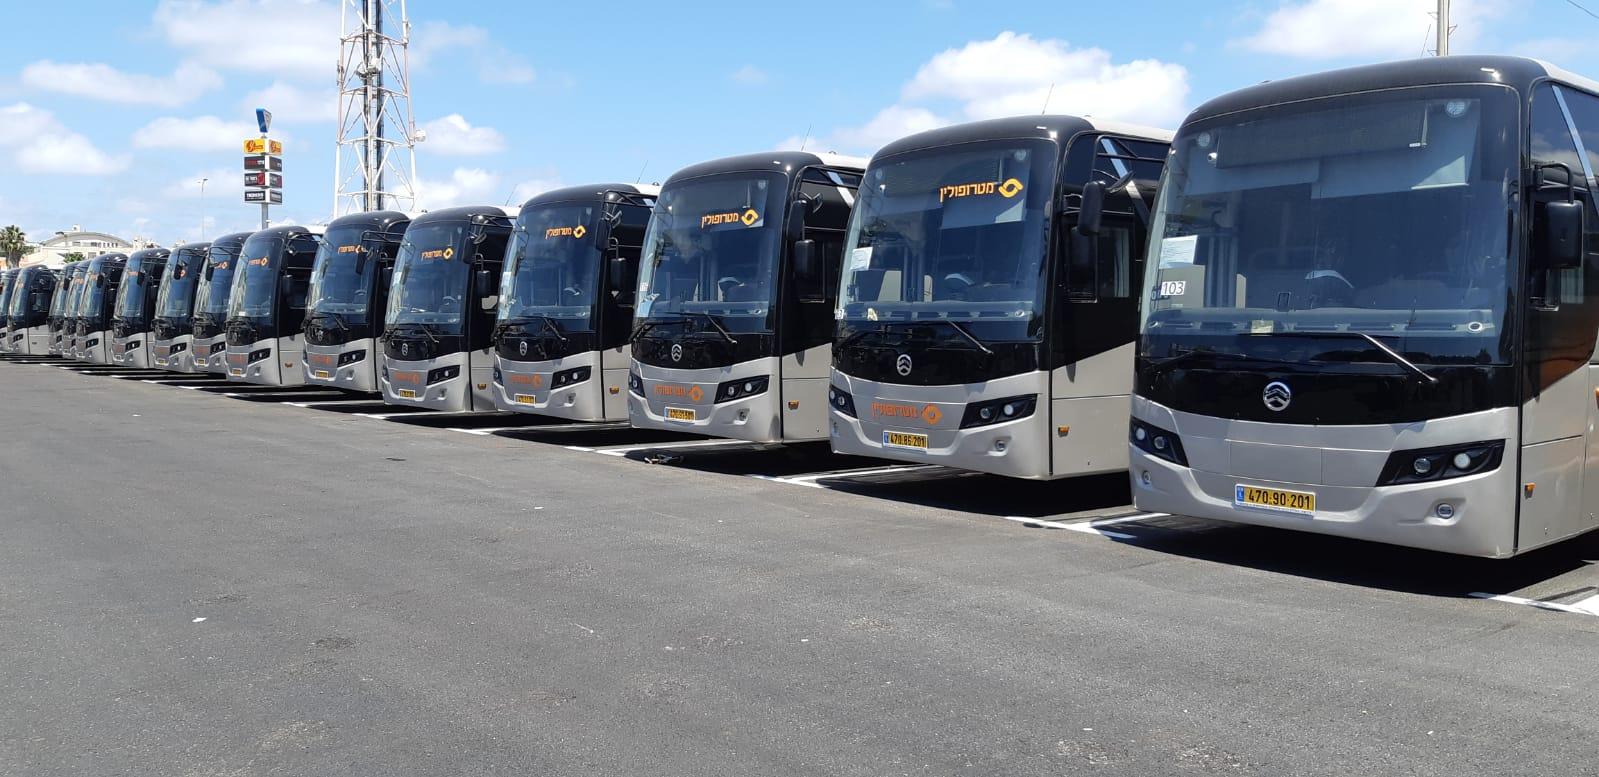 להבות התקנות מערכות כיבוי לאוטובוסים